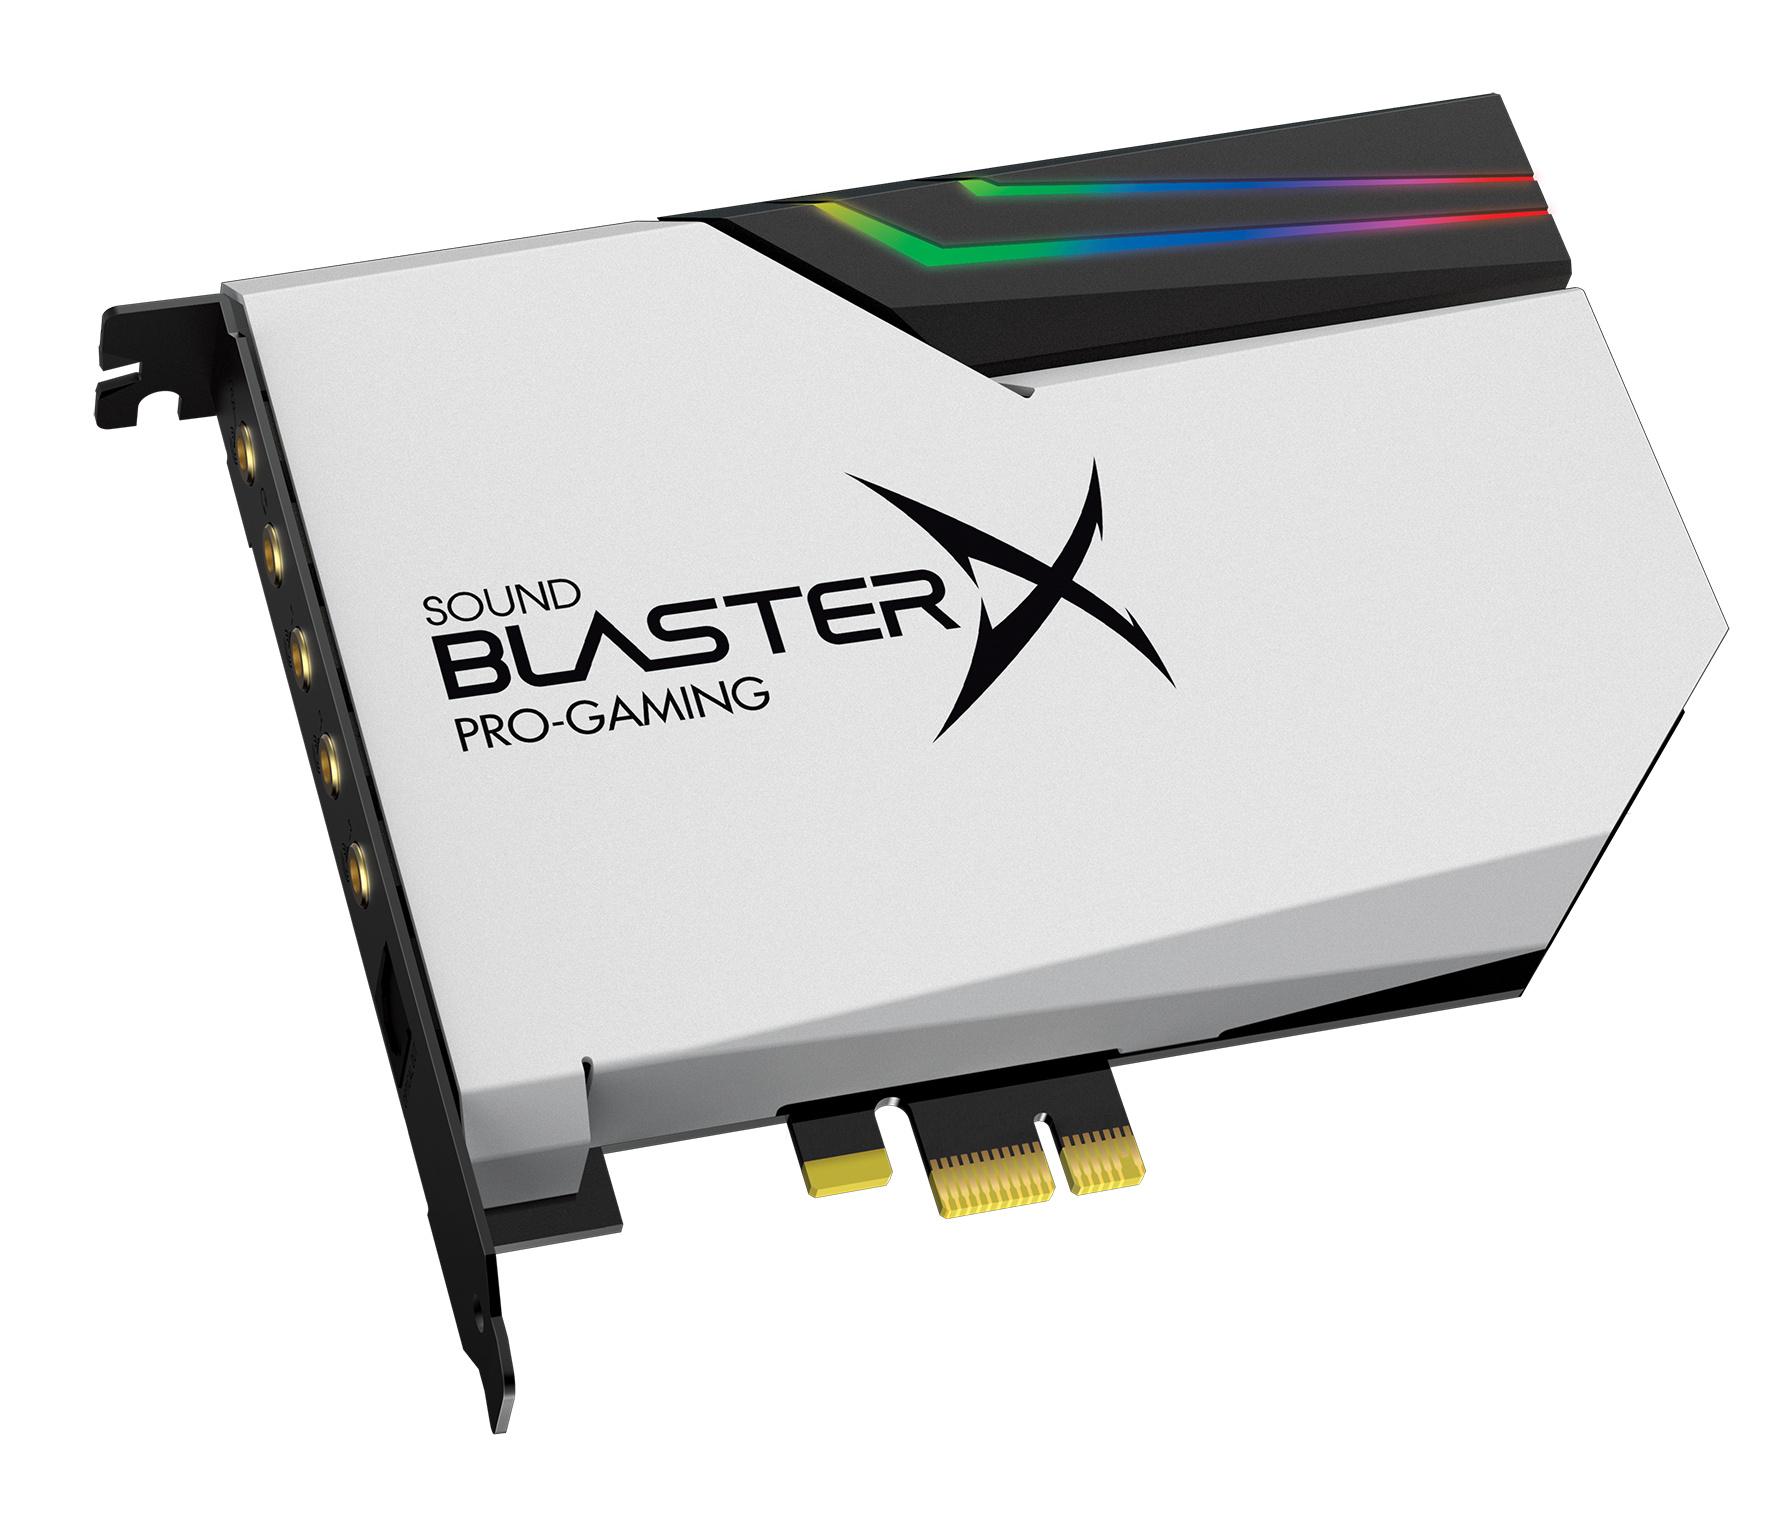 Sound BlasterX AE-5: Creatives Soundkarte ist RGB-beleuchtet - Sound BlasterX AE-5 Pure Edition (Bild: Creative)